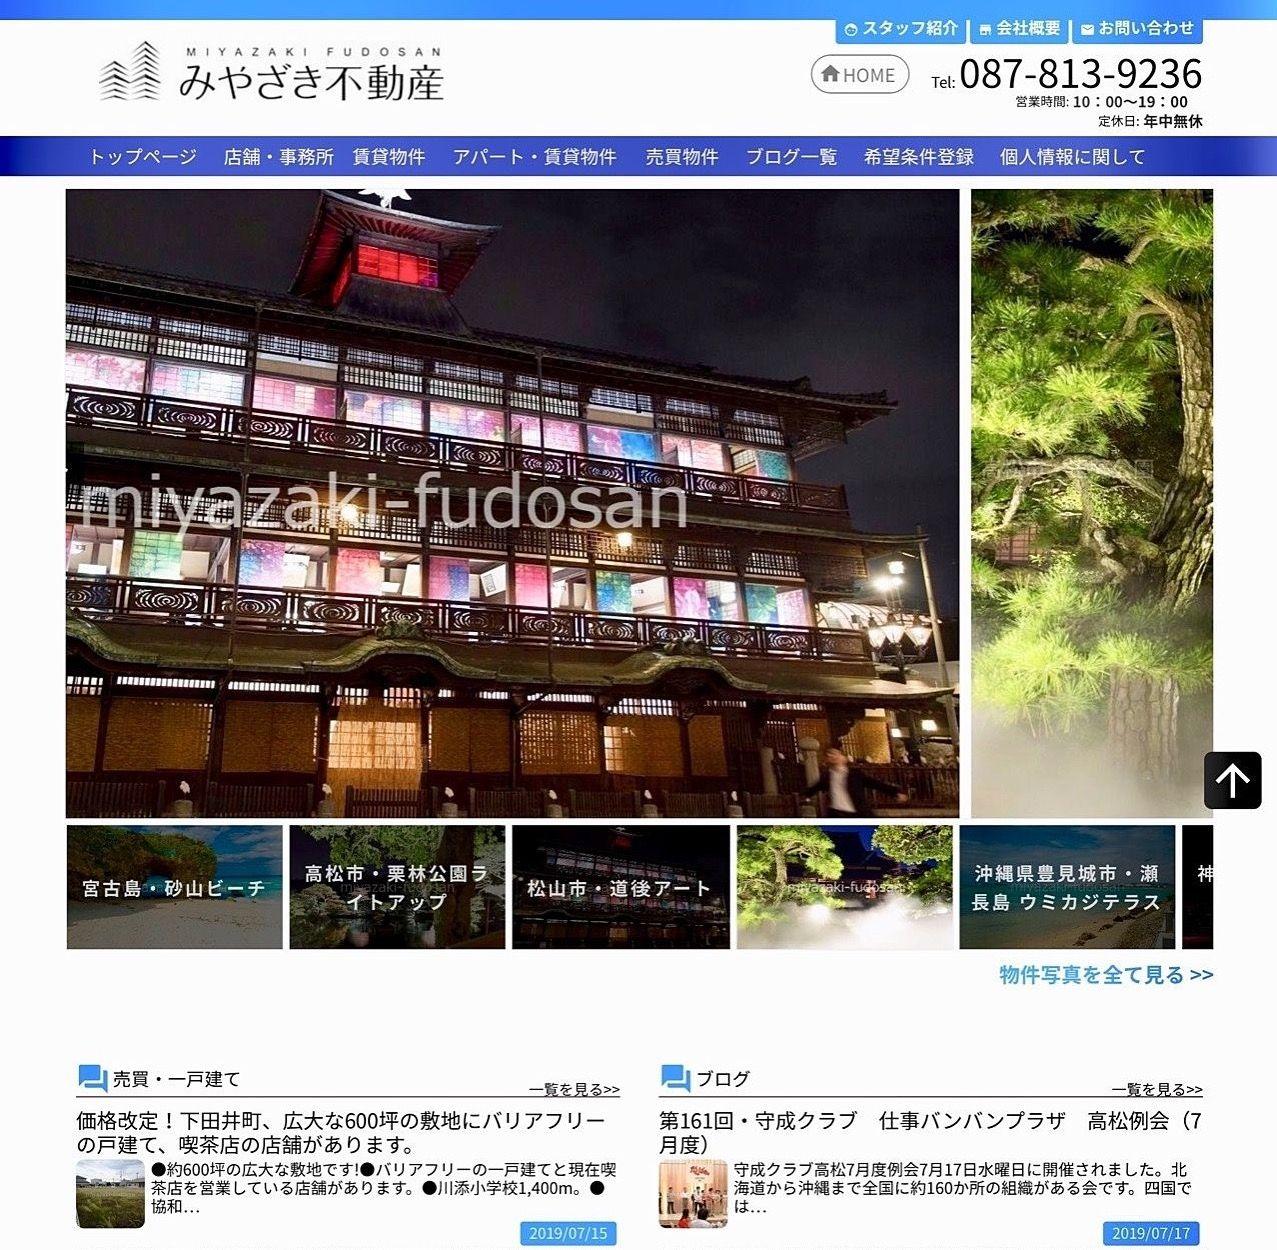 ドリームX導入会社紹介 みやざき不動産(香川県高松市)